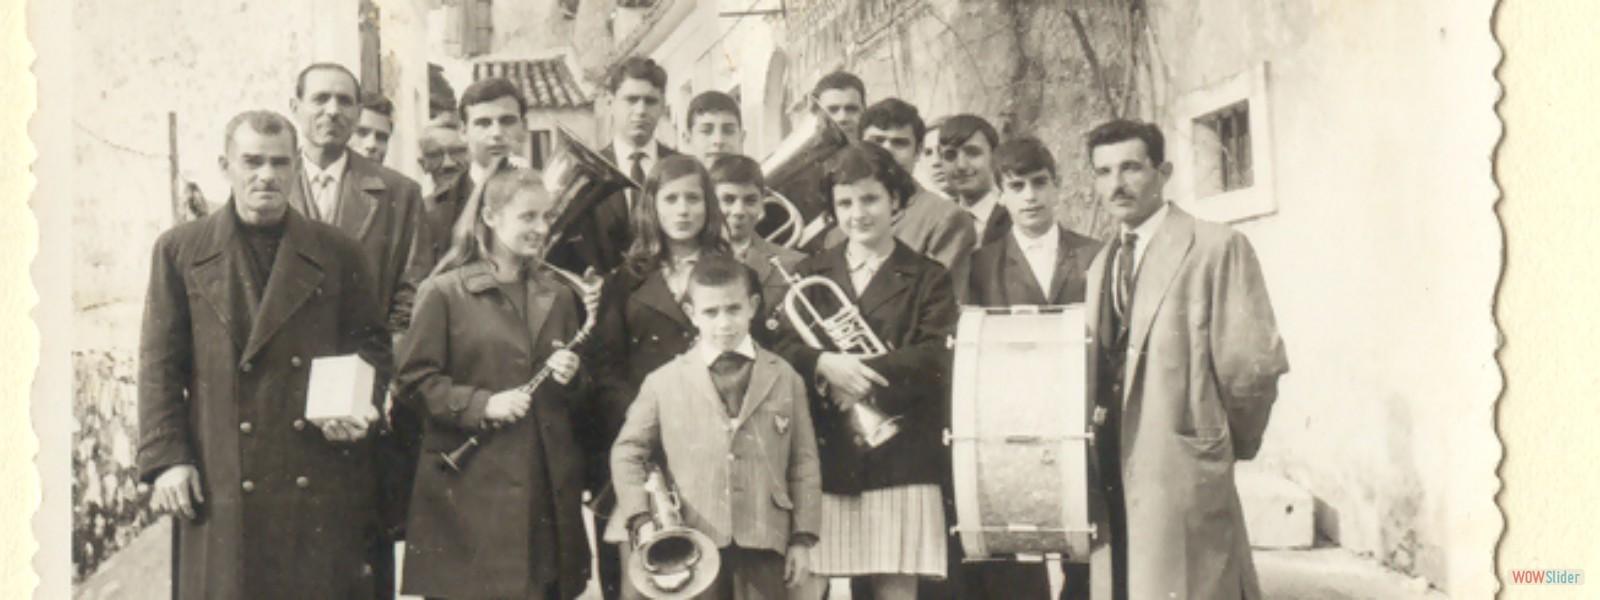 ΦΙΛΑΡΜΟΝΙΚΗ ΚΟΙΝΟΠΙΑΣΤΩΝ ΣΤΟΝ ΑΓ.ΠΡΟΚΟΠΗ 1970 ΚΑΛΑΝΤΑ